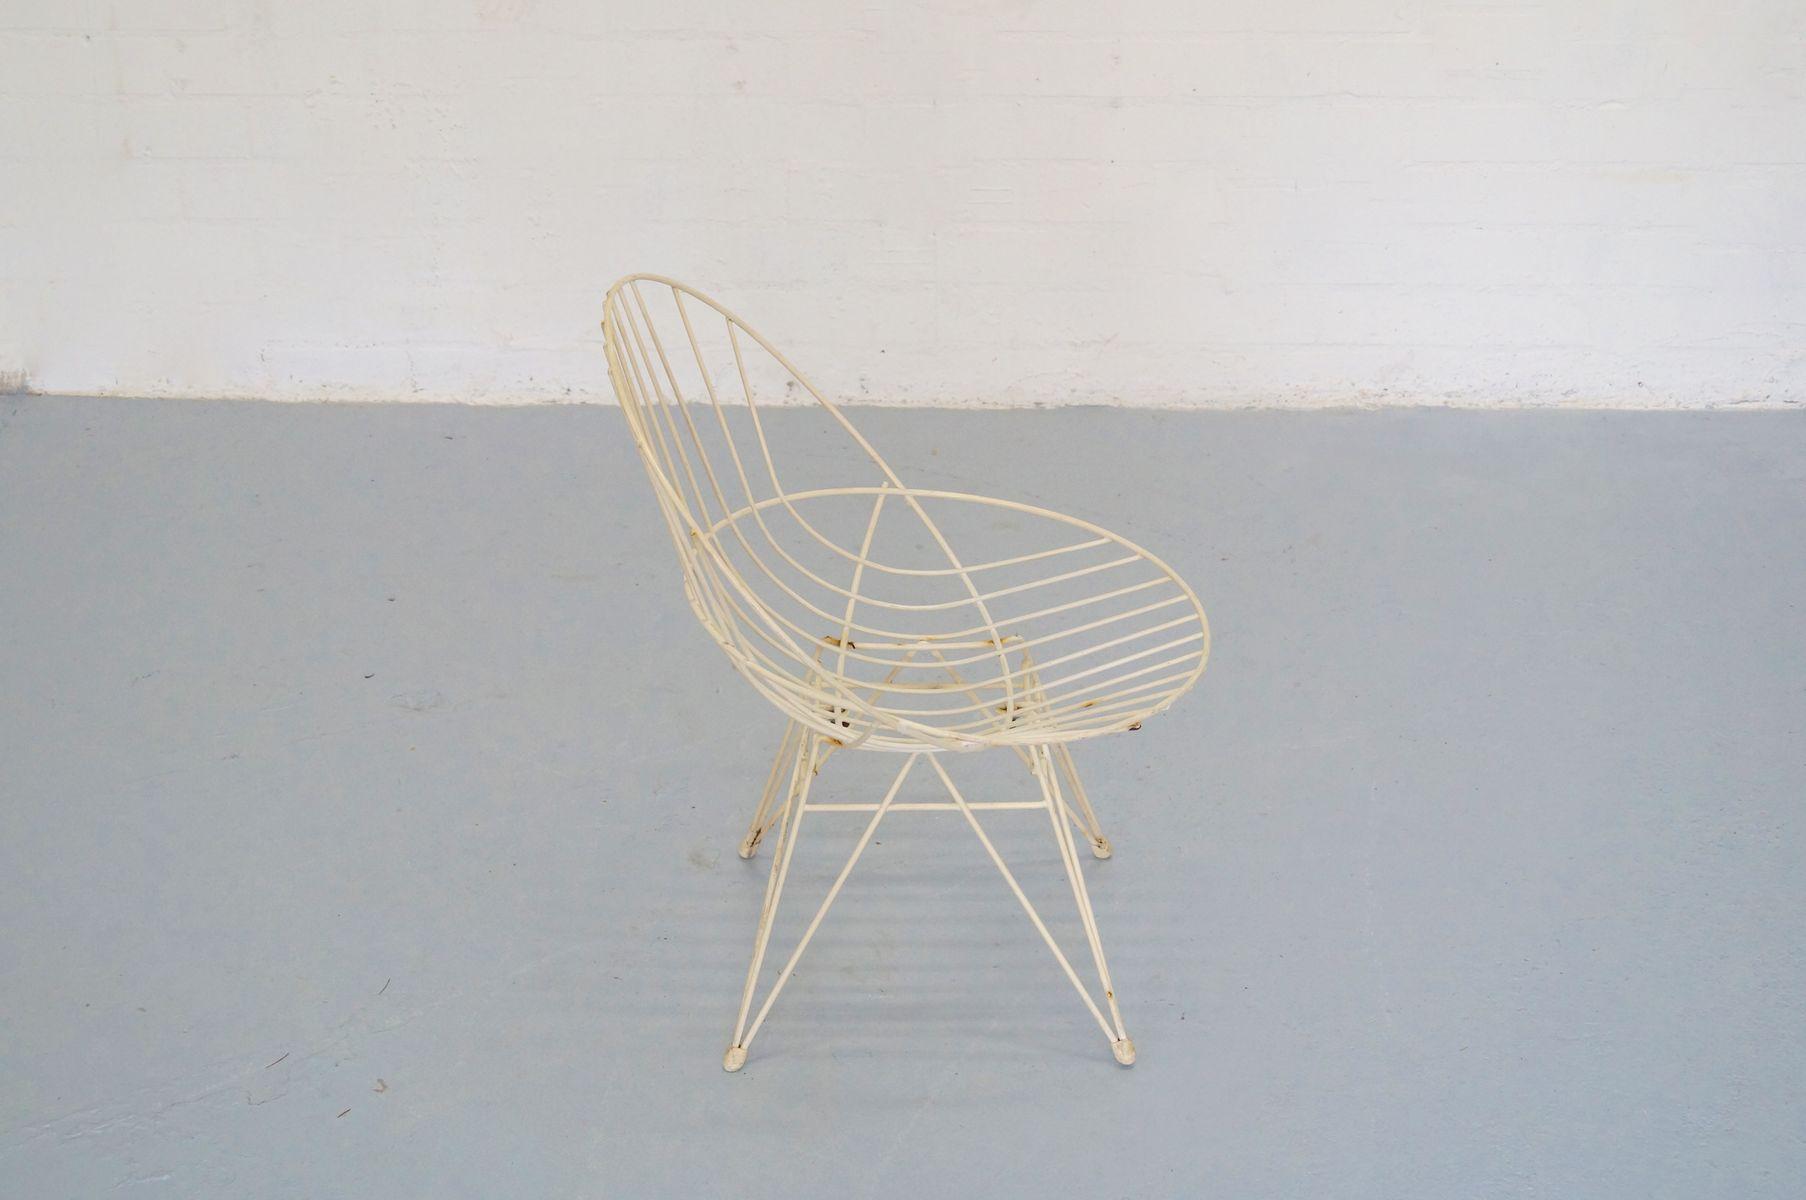 Vintage draht stuhl der combex serie von cees braakman f r for Draht stuhl design